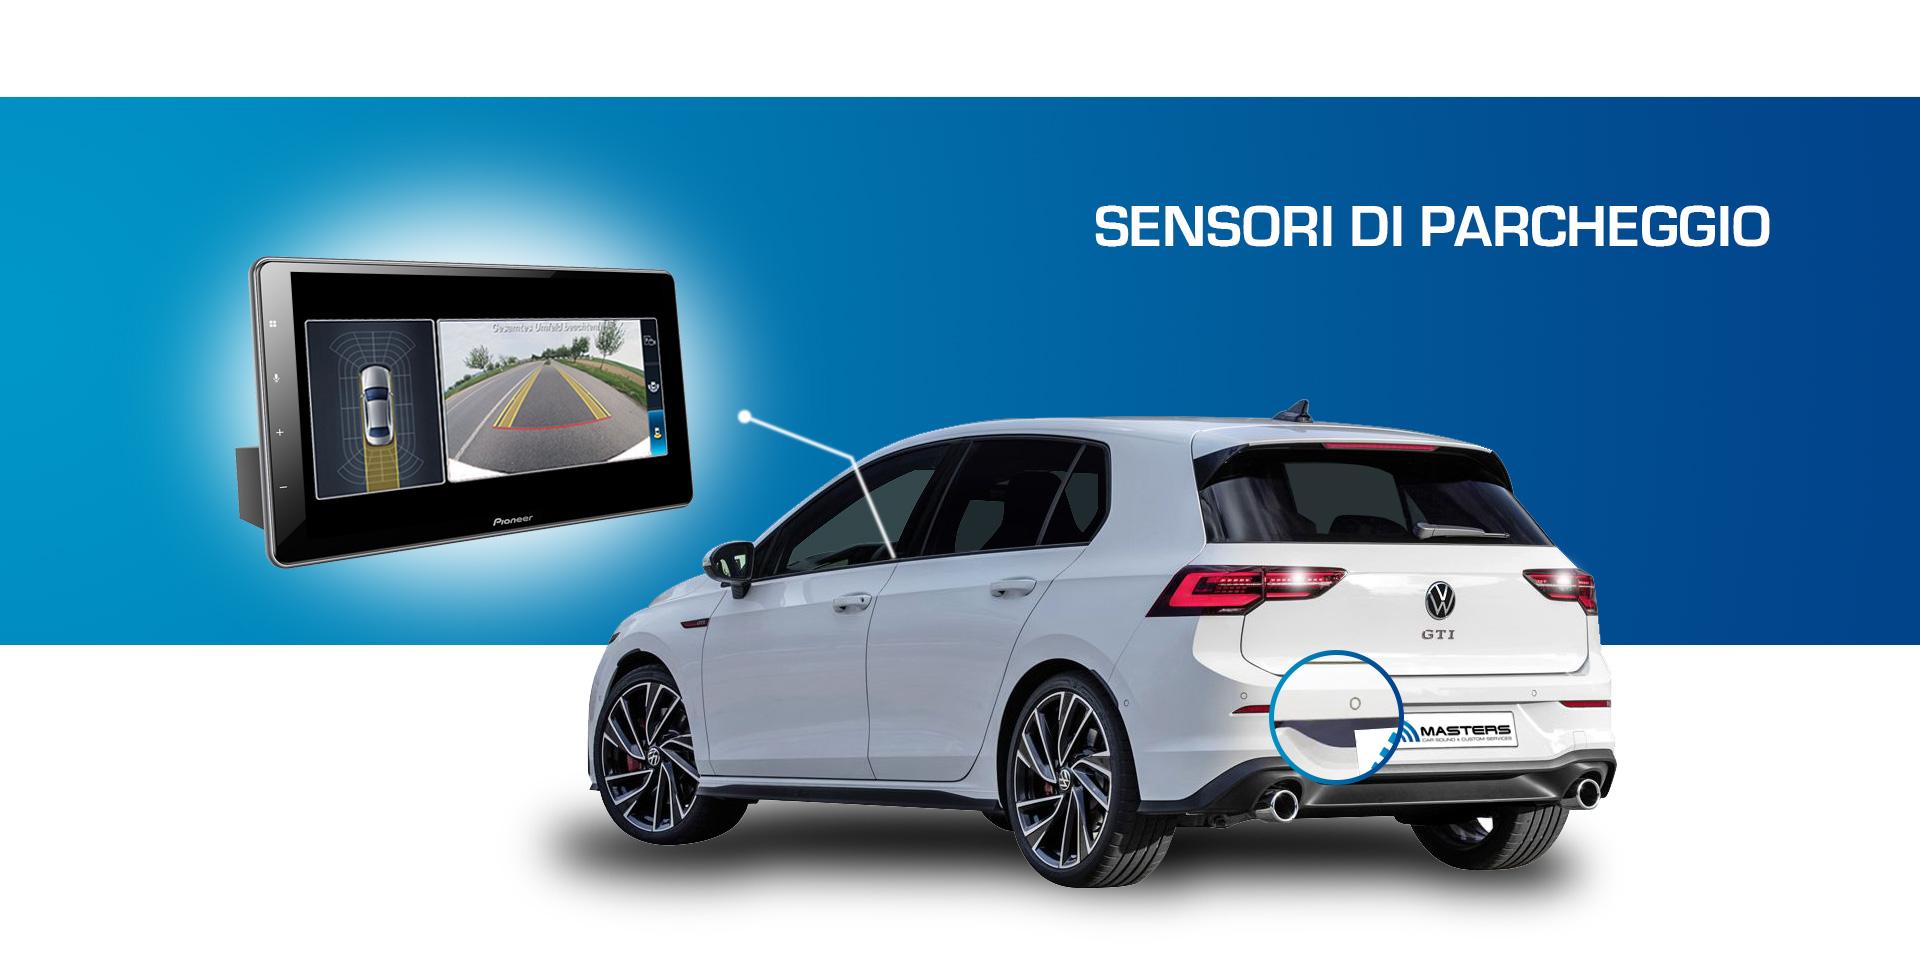 Kit-retrocamera-e-sensori-di-parcheggio-Volkswagen-Golf-GTI-2020